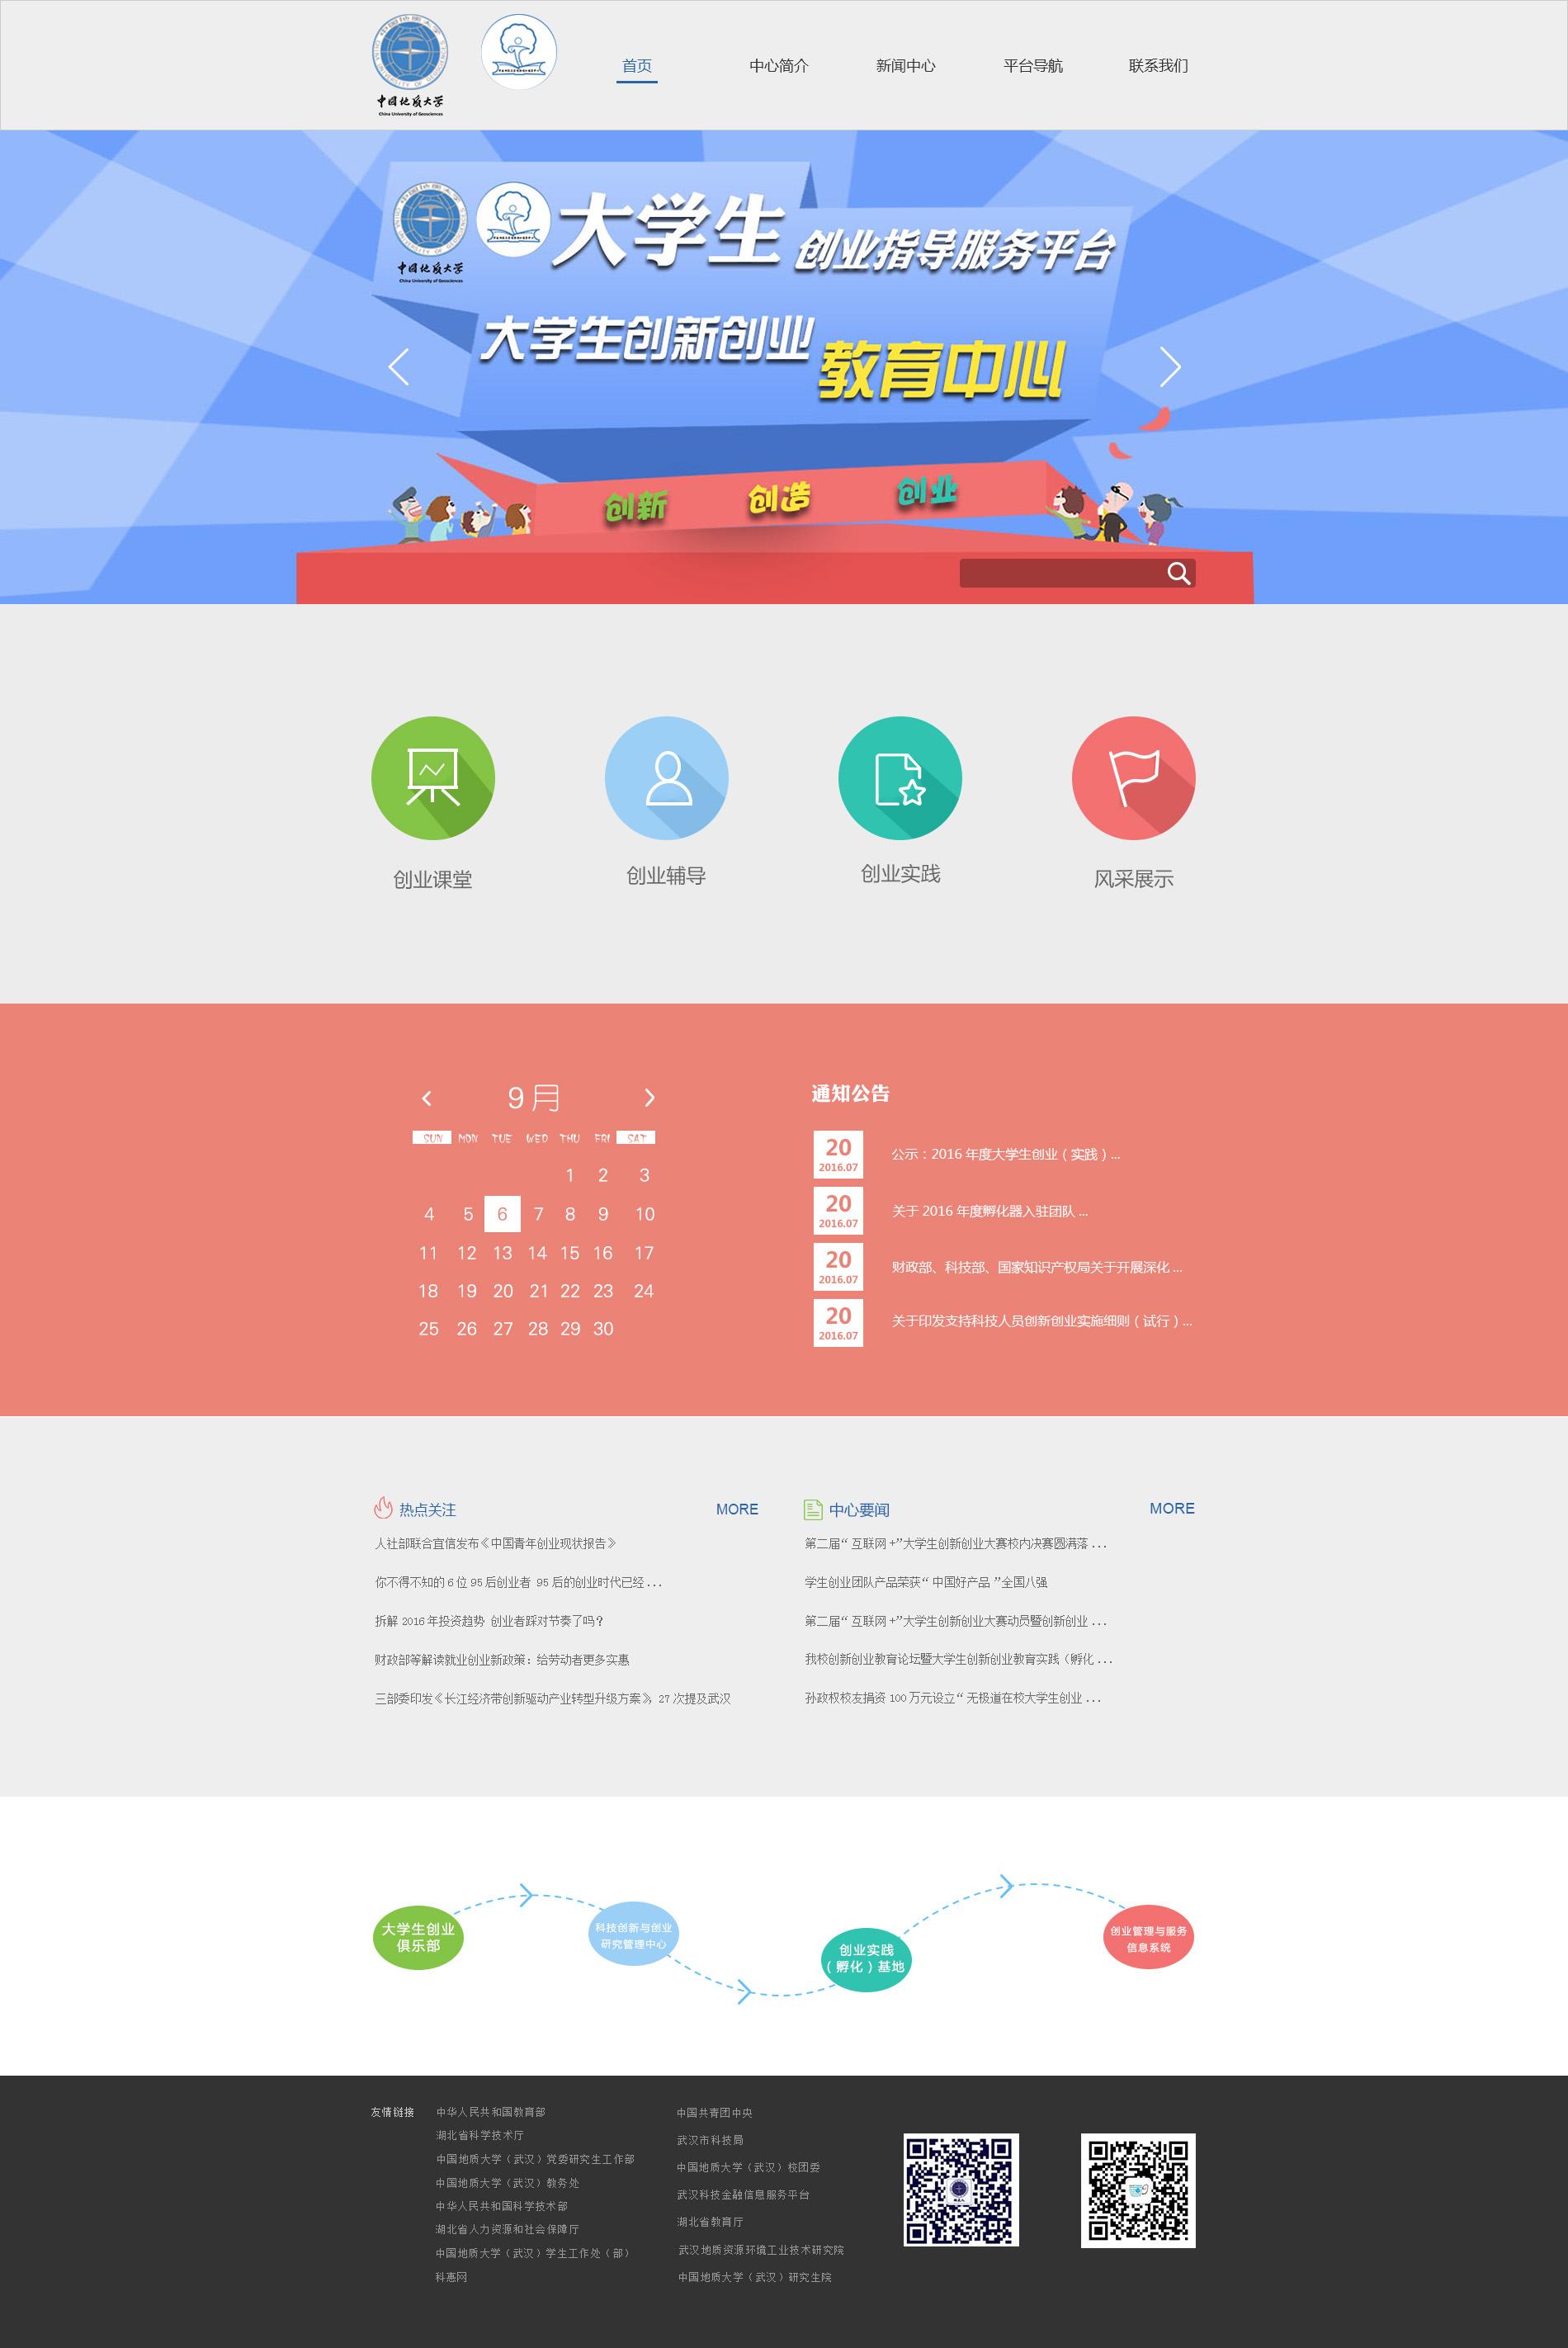 大学生创业网站的首页设计|网页|其他网页|余银凤图片